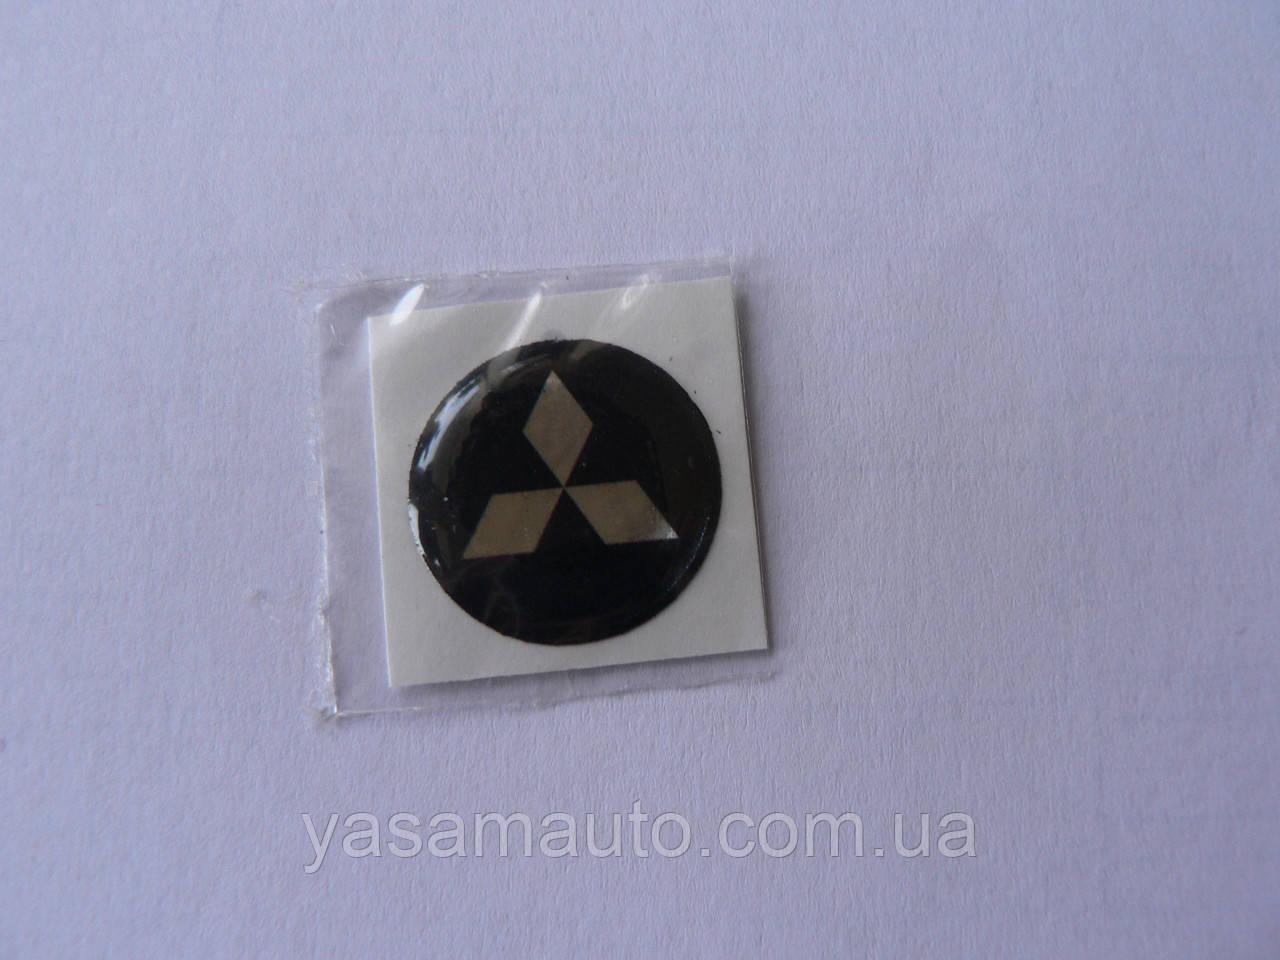 Наклейка s кругла Mitsubishi срібло 13мм силіконова емблема у колі на авто ключі сигналізацію Мітсубіші